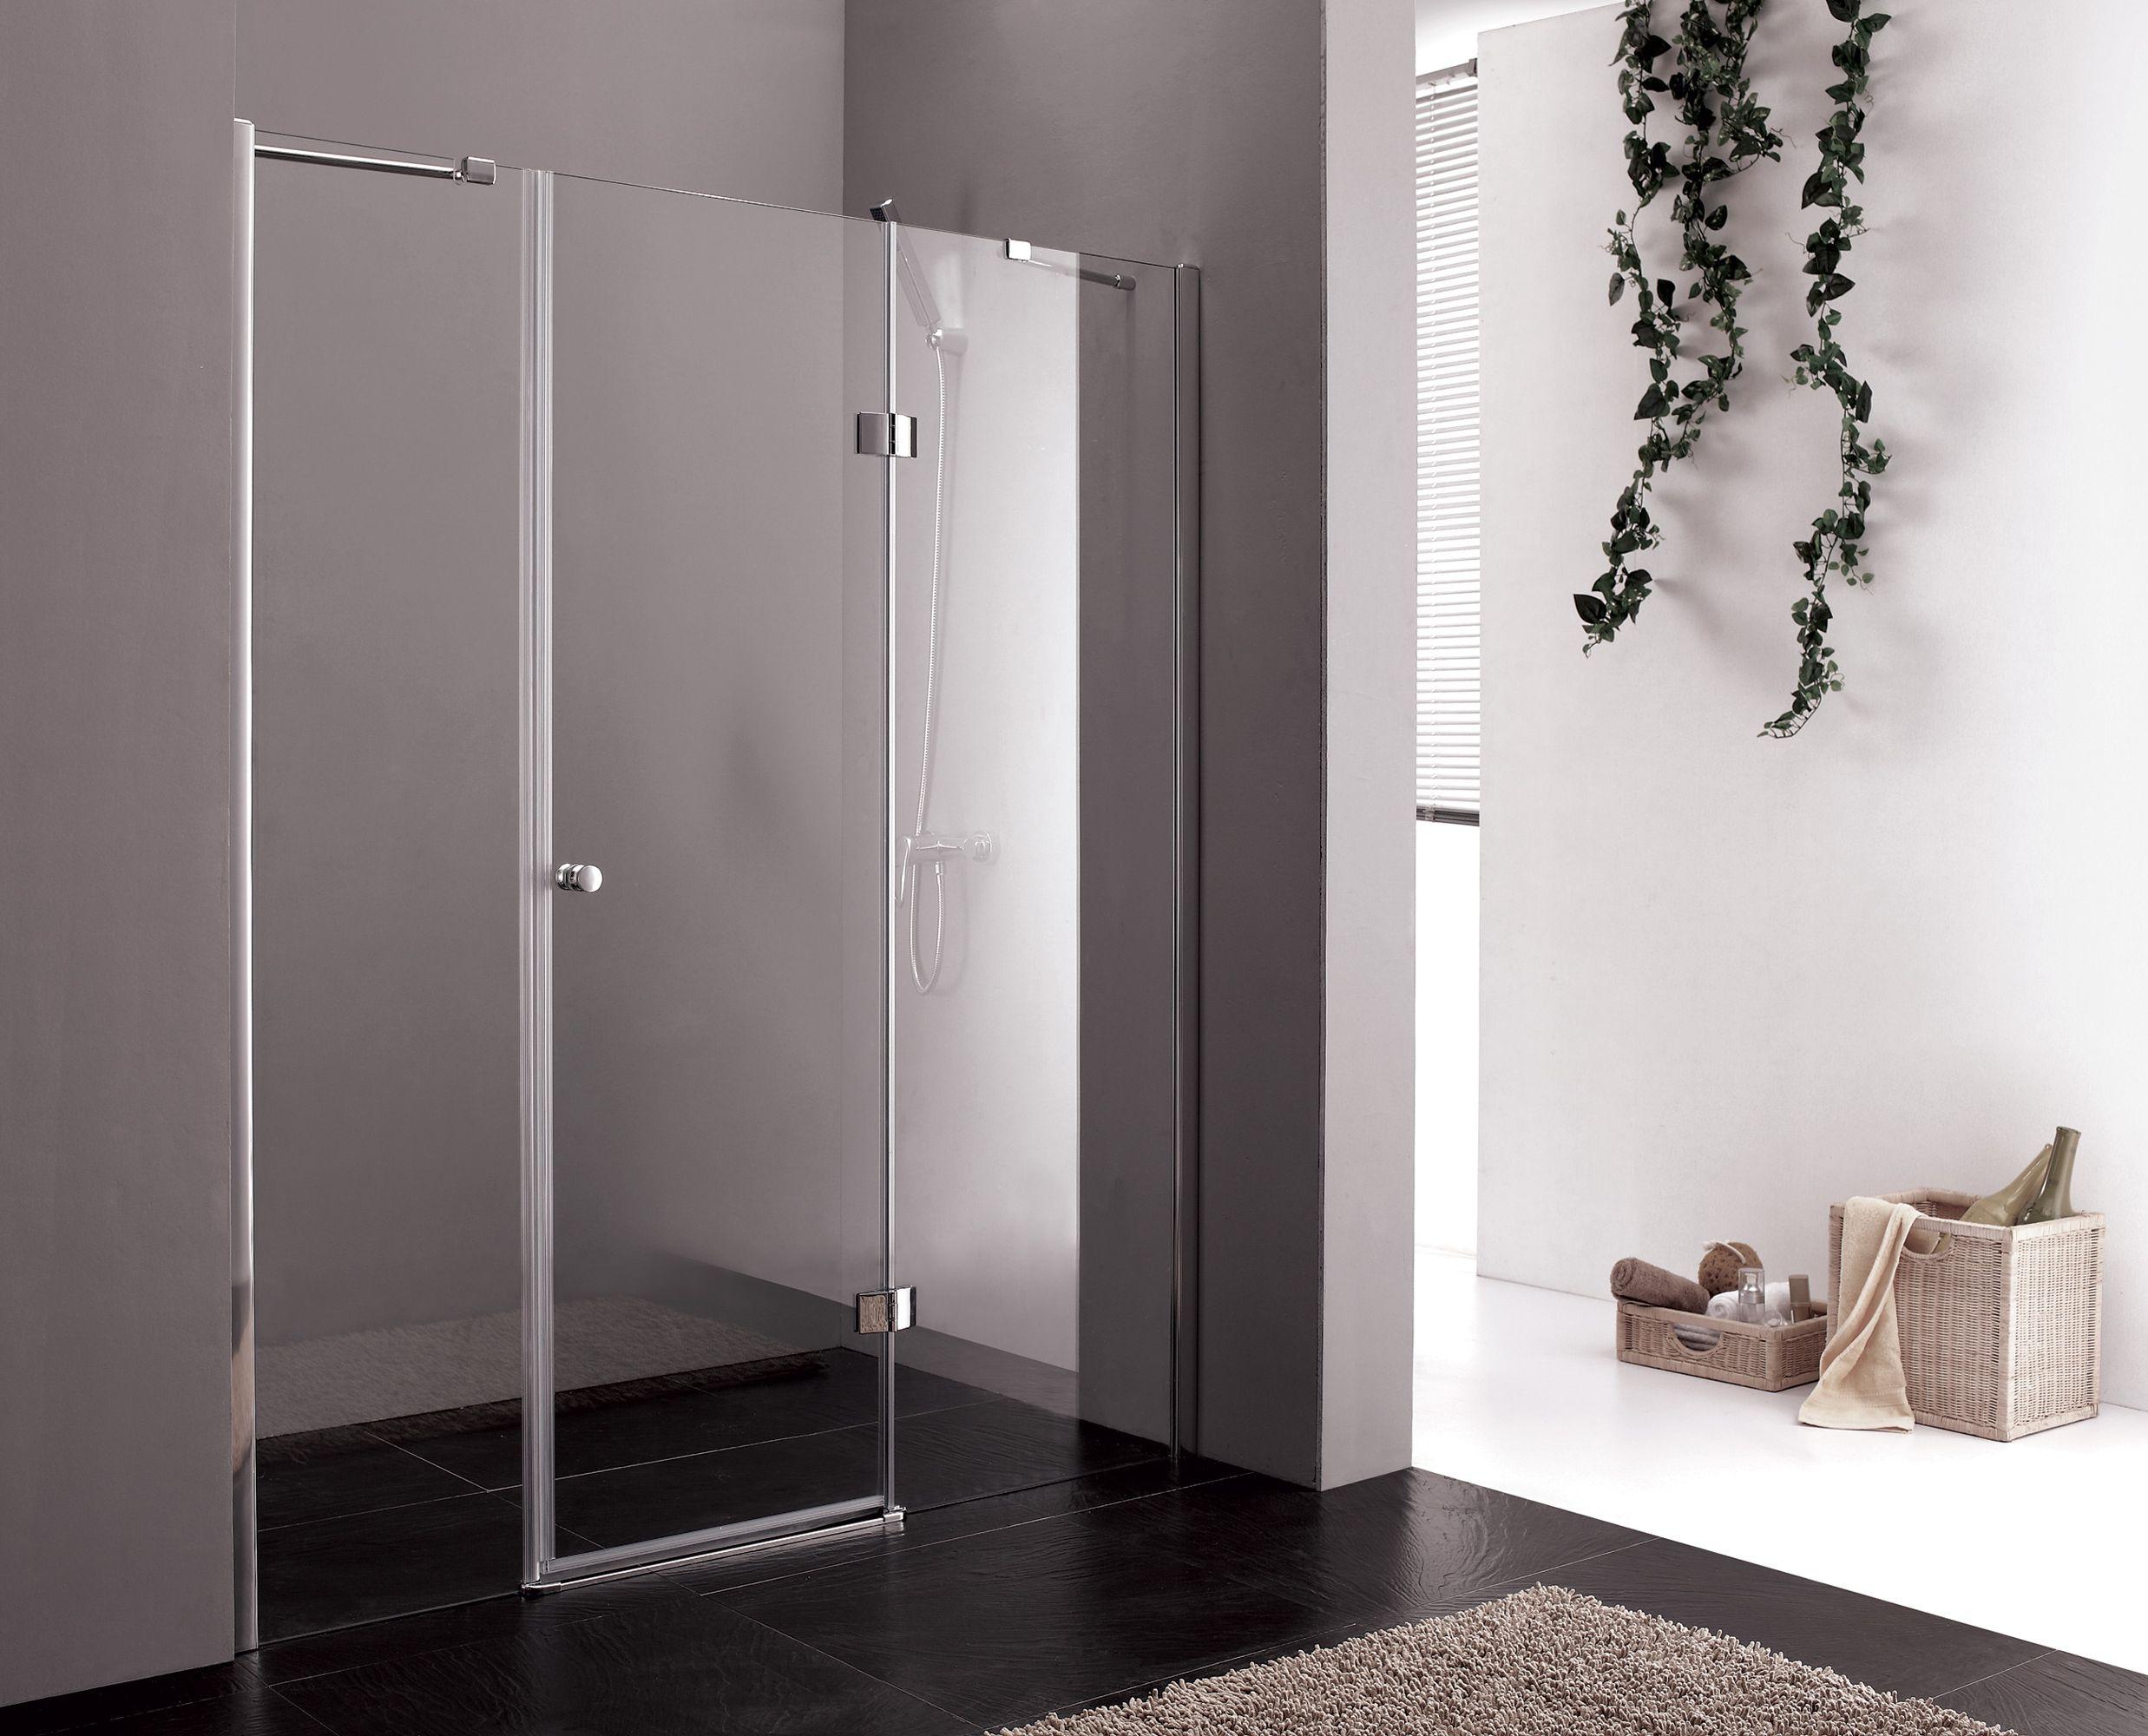 Transparent glass door shower